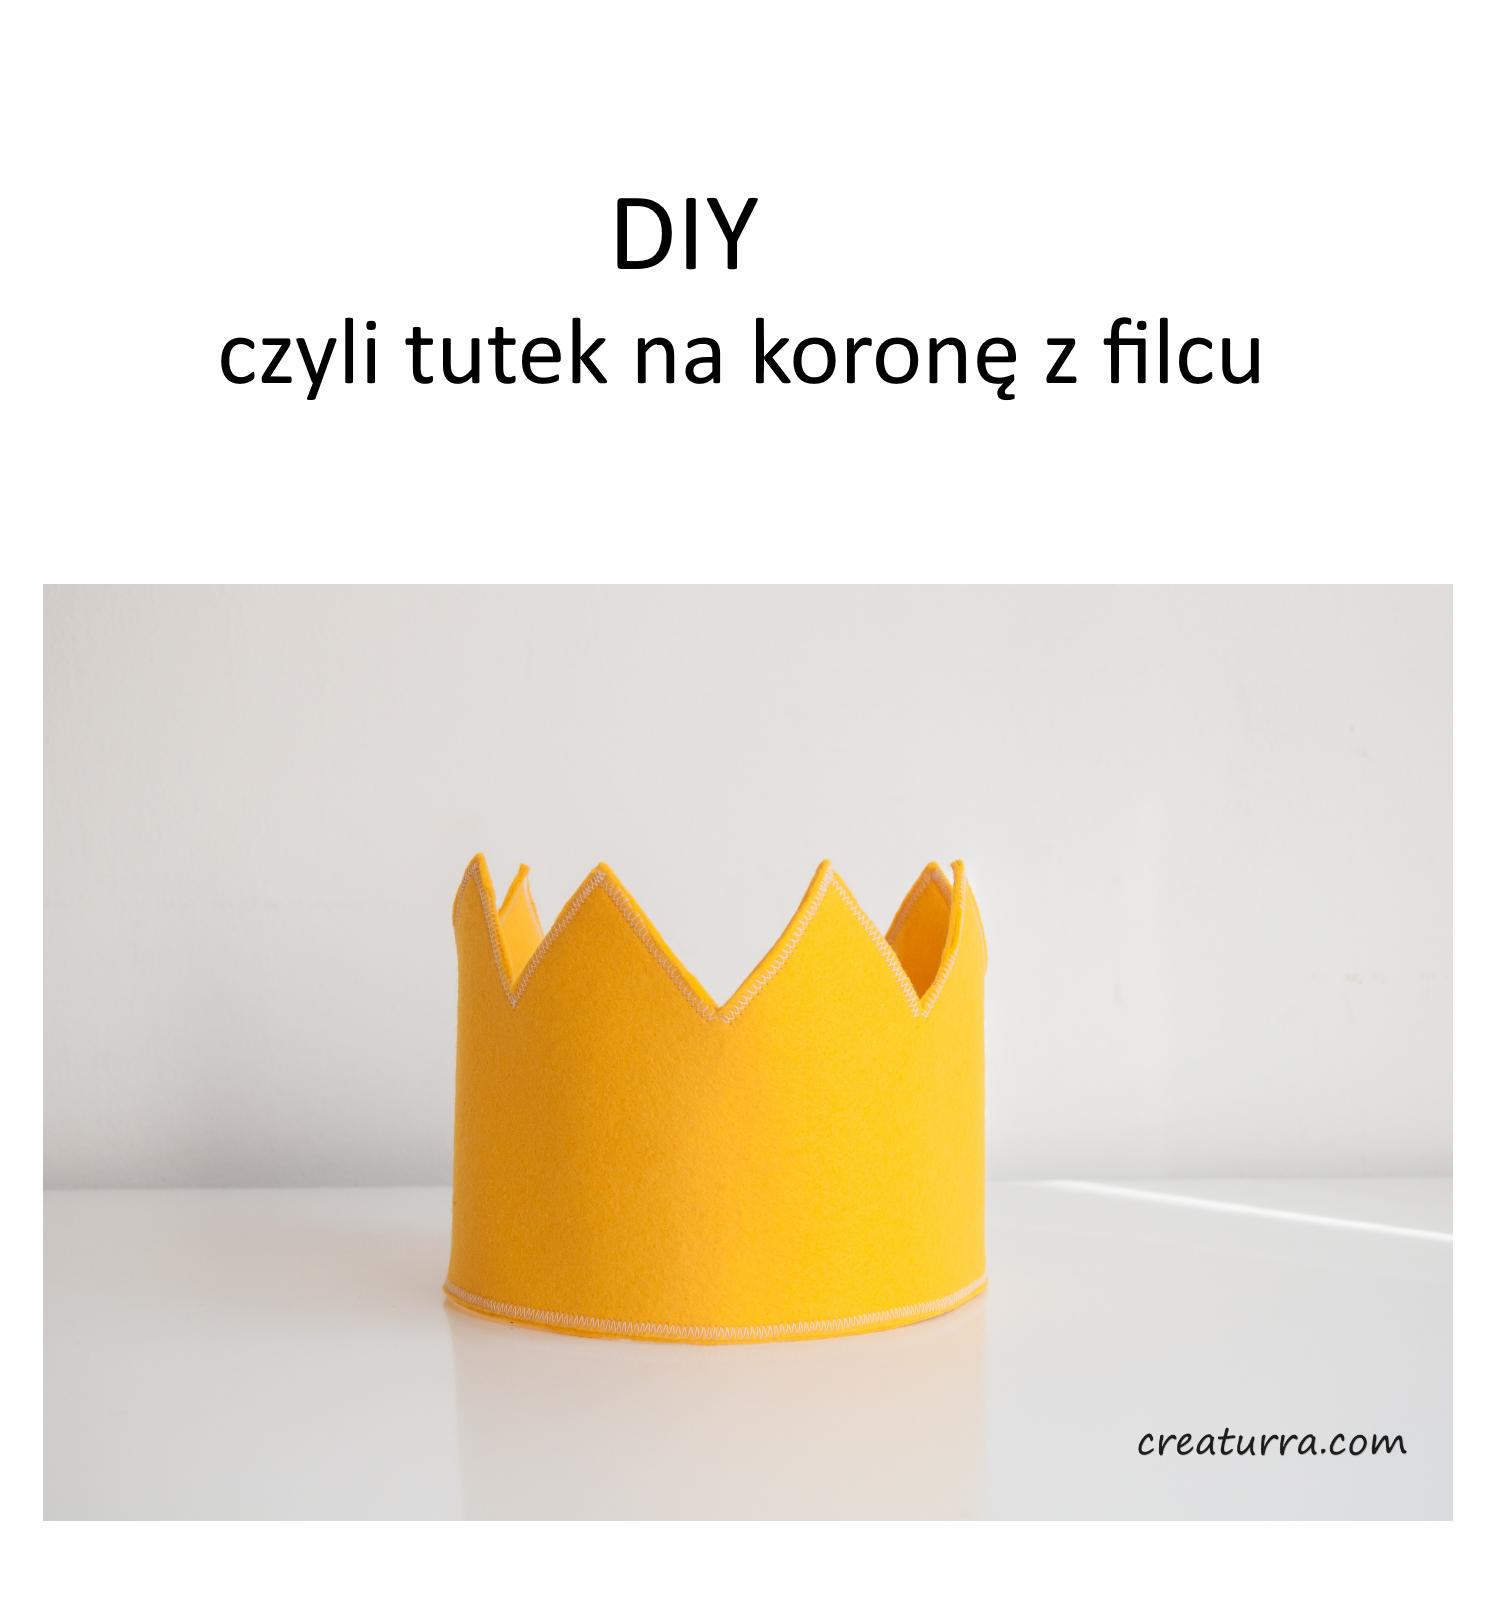 TUTORIAL jak uszyć koronę z filcu